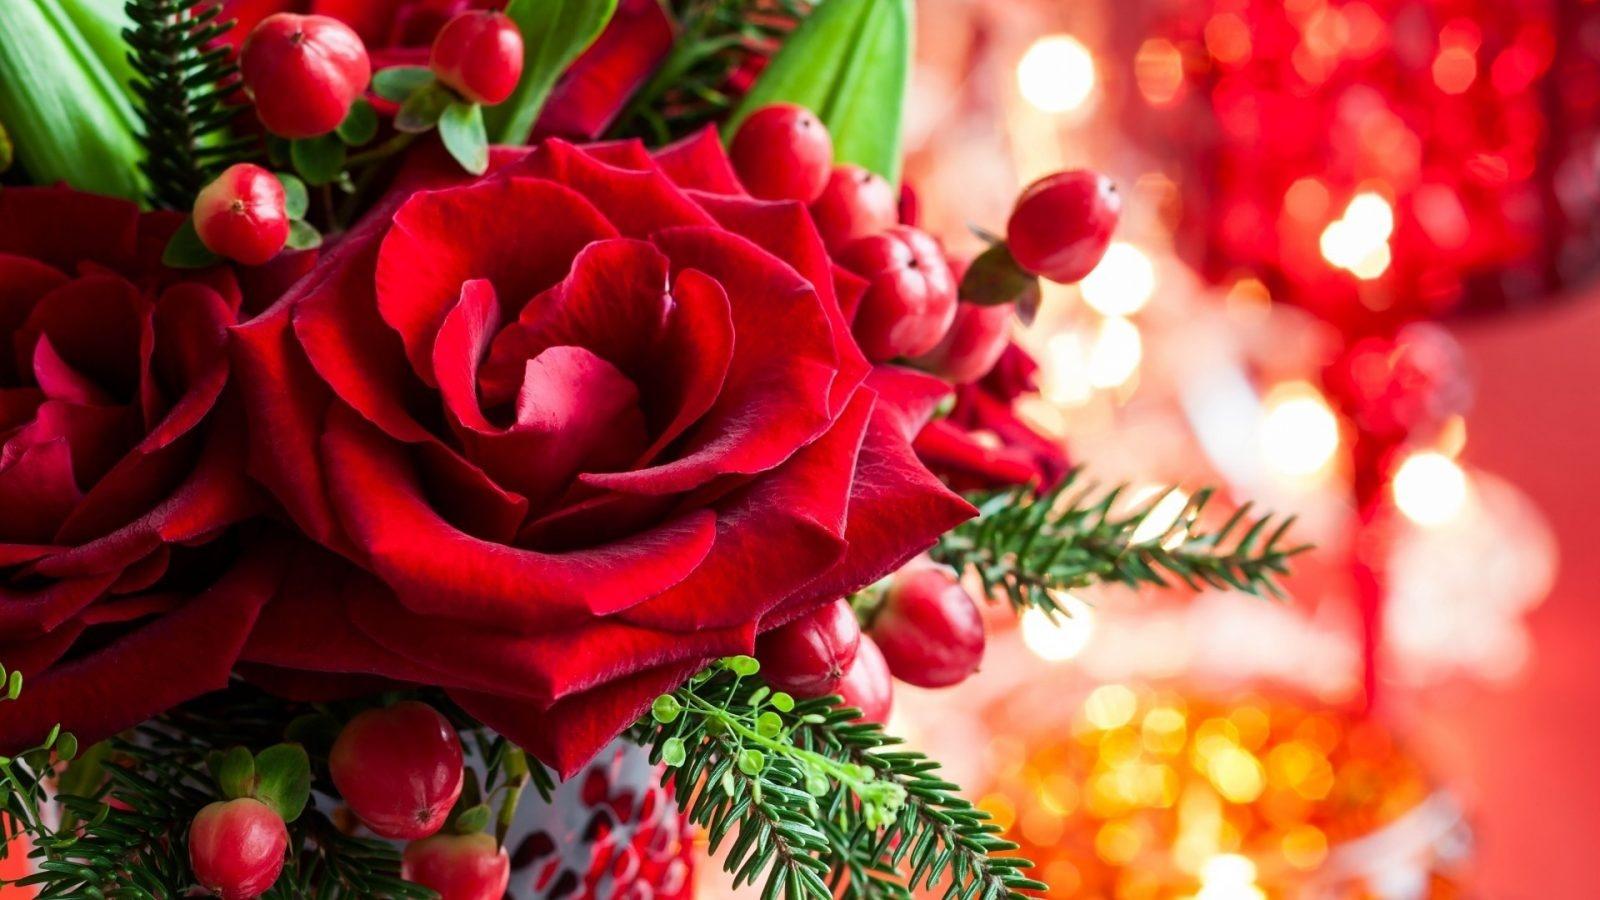 Картинки с новогодними цветами, днем